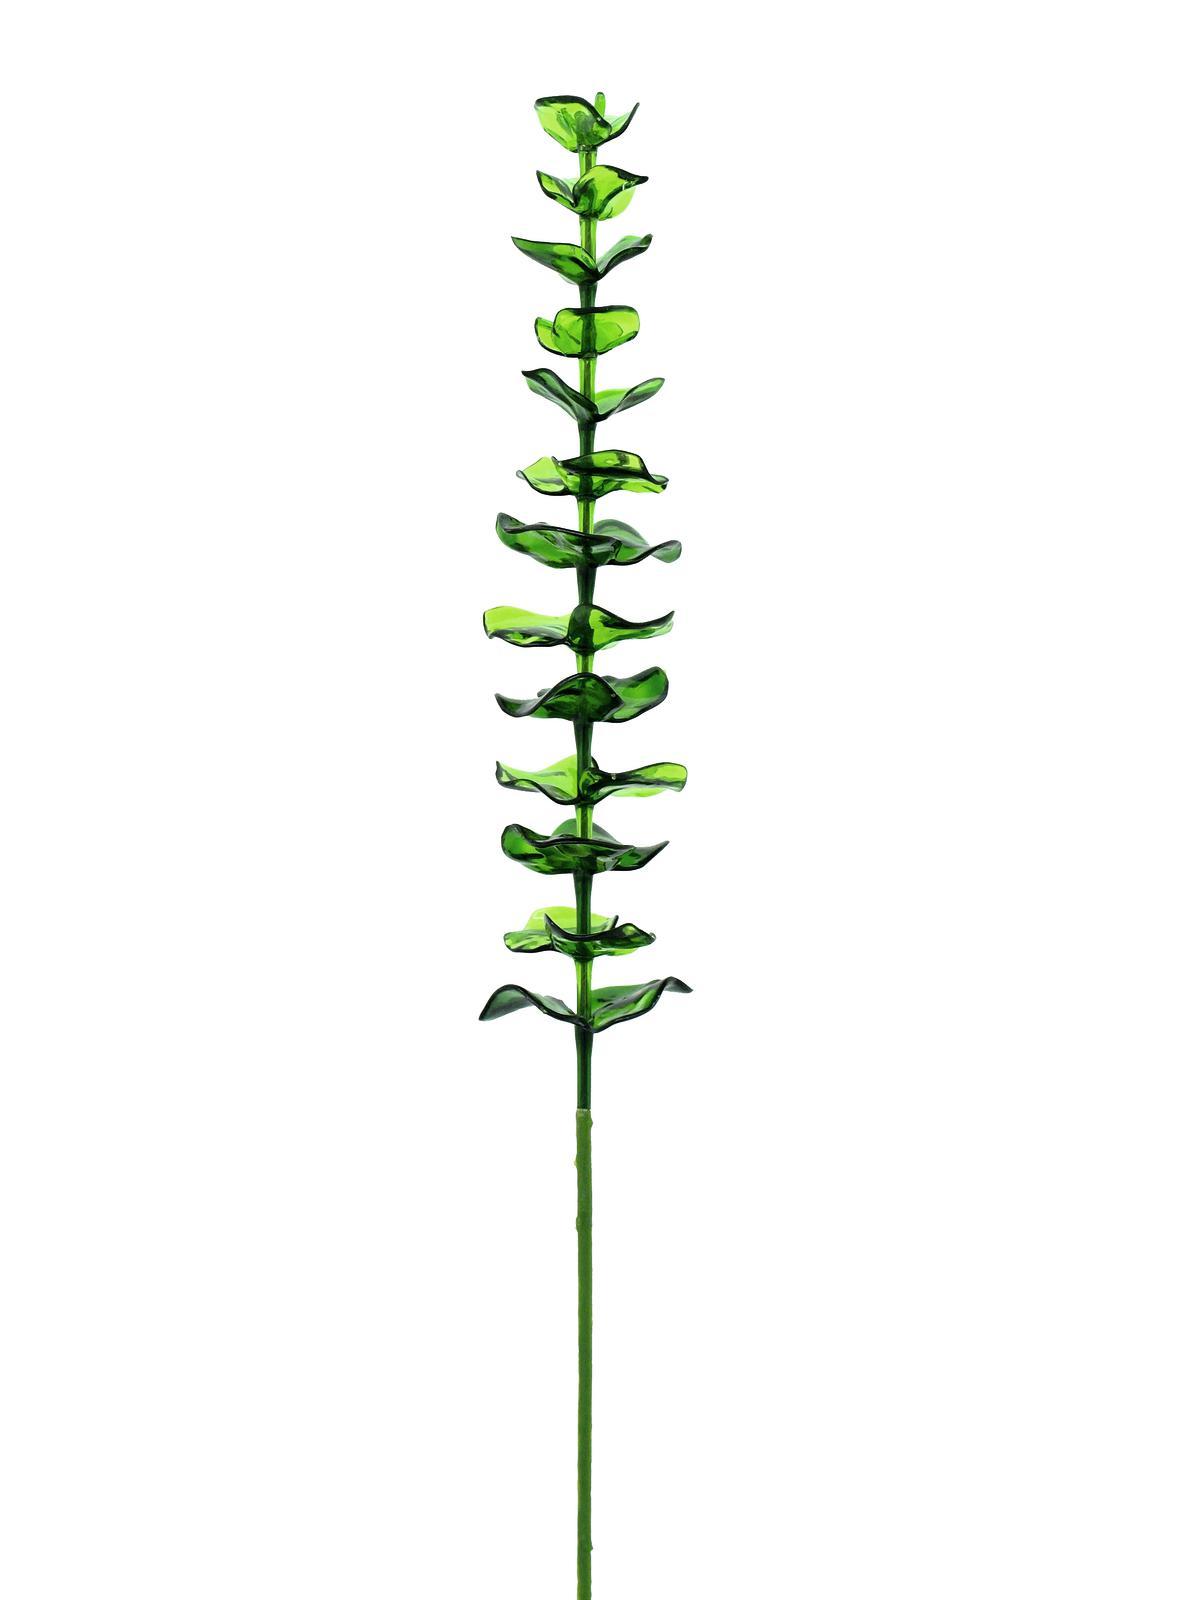 Kunstig  Crystal eucalyptus, Grøn, 81cm, 12stk